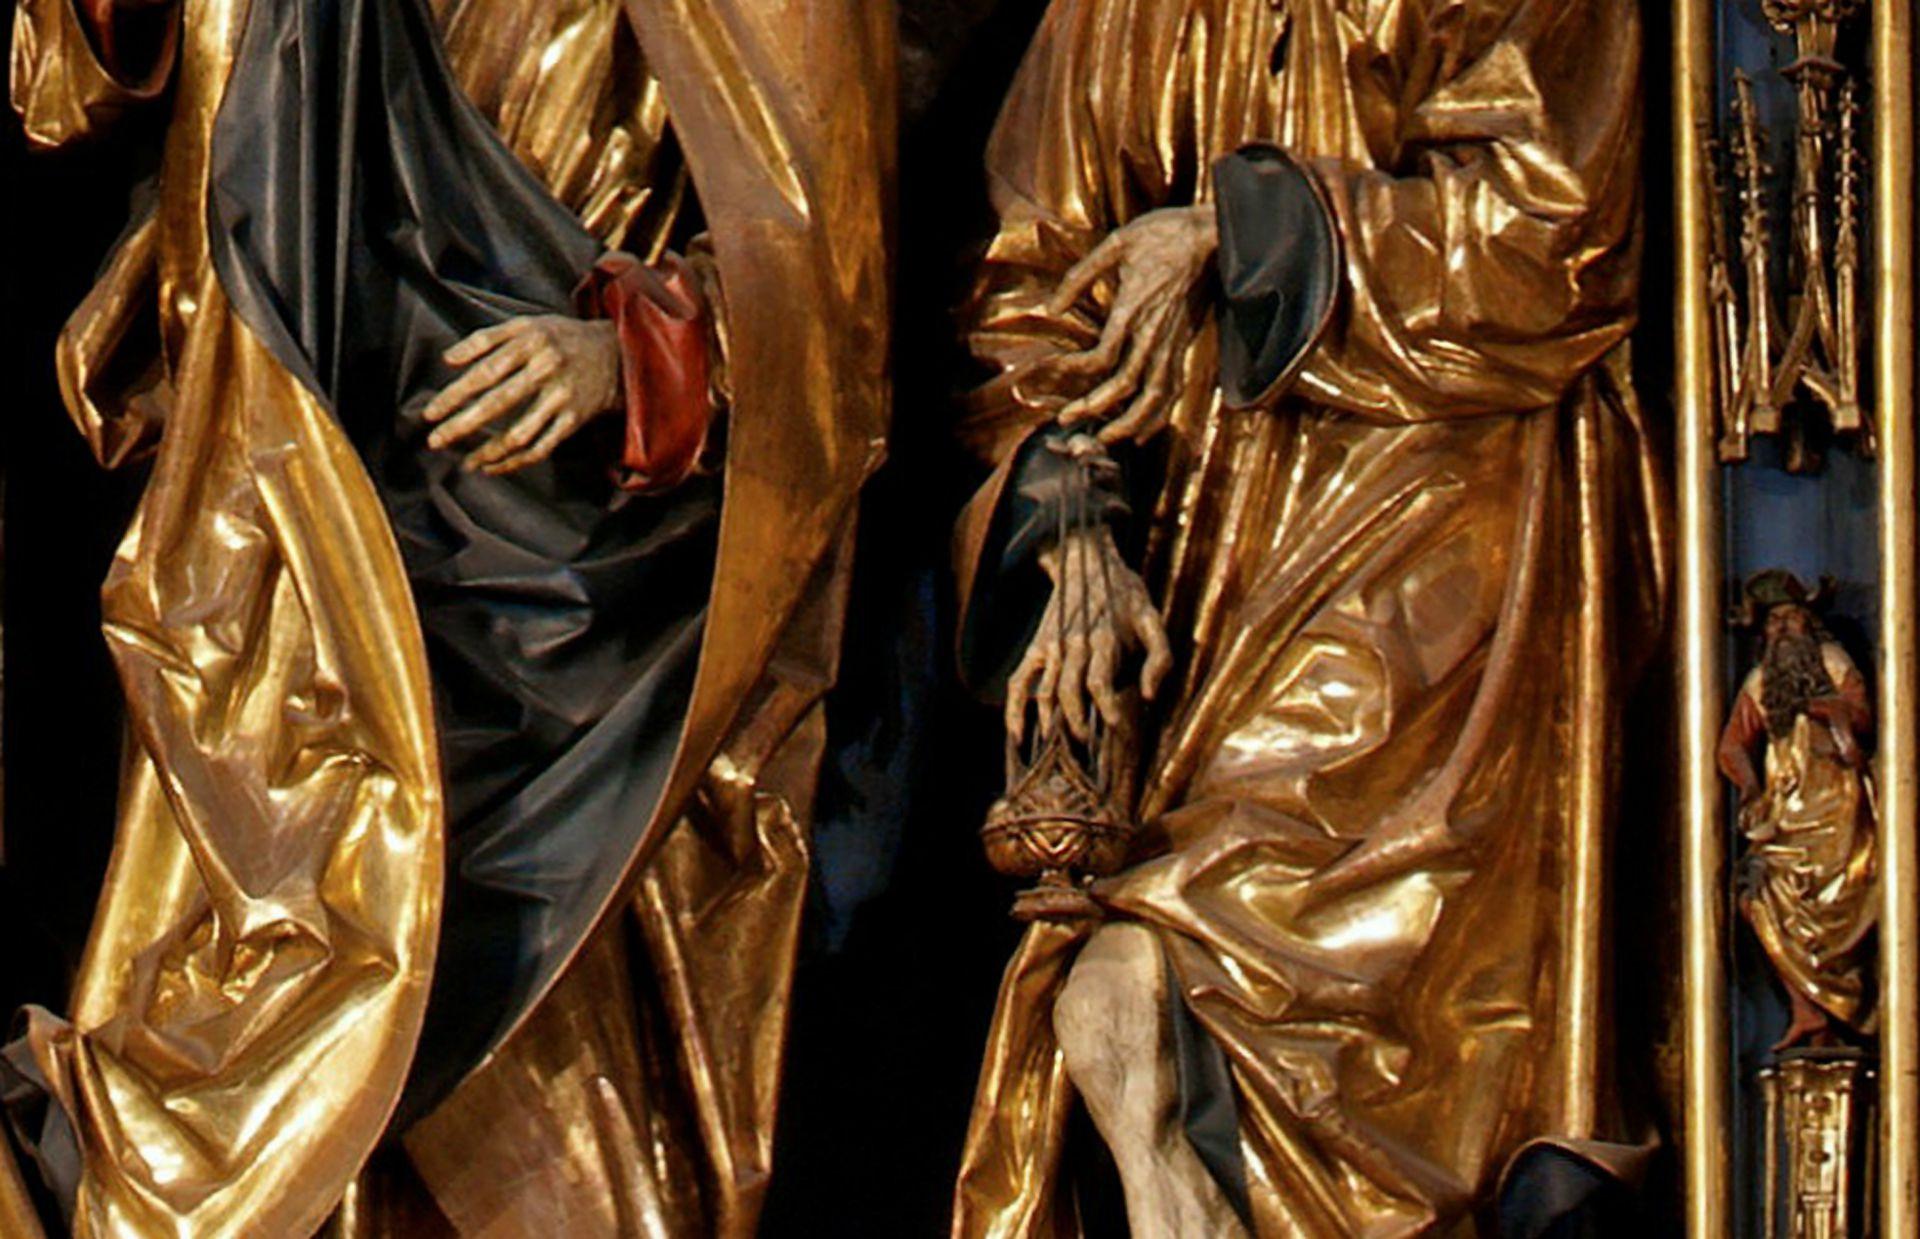 Marienaltar Schreindetail mit Händen